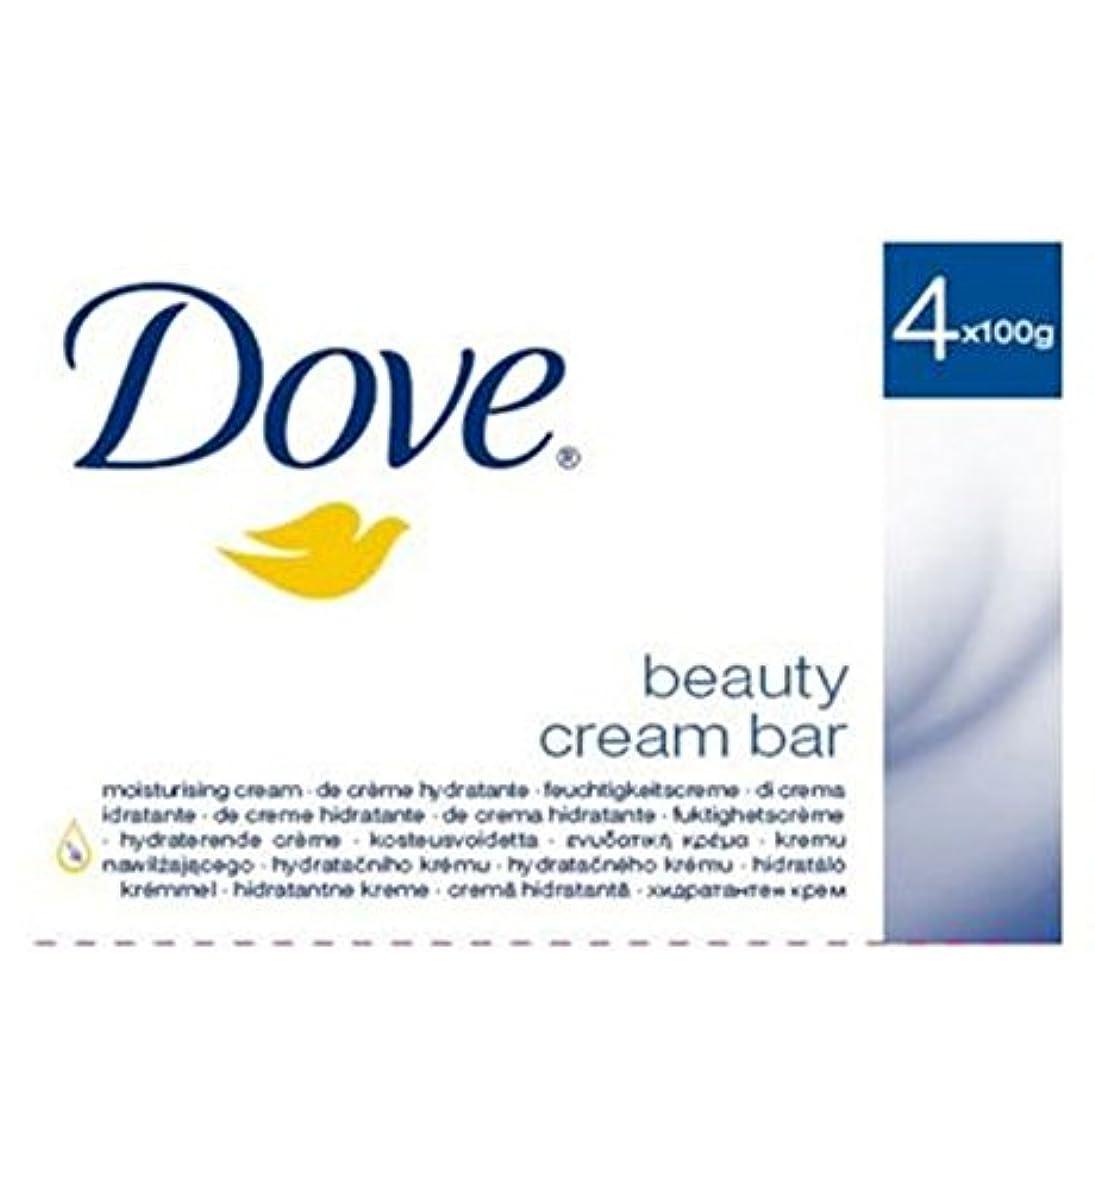 排泄物助けになる留め金鳩元の美しさのクリームバー4のX 100グラム (Dove) (x2) - Dove Original Beauty Cream Bar 4 x 100g (Pack of 2) [並行輸入品]